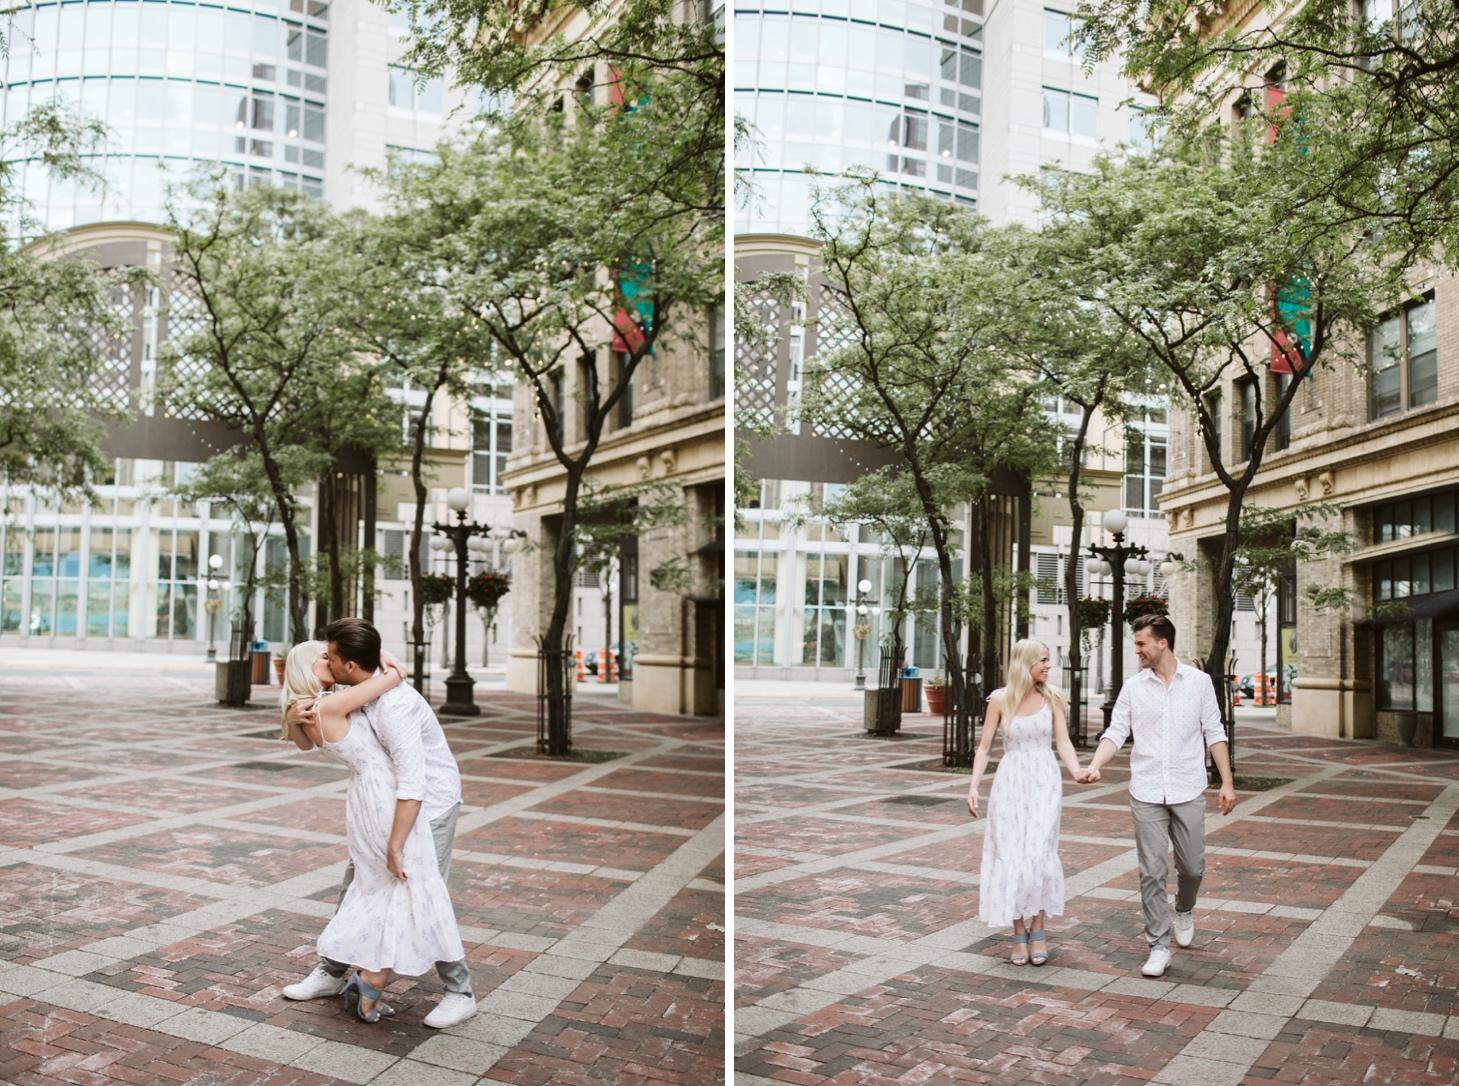 07_engagements-22_engagements-24_urbanphotography_stpaulphotos,_mnweddingphotographer,_kileymarissaphotography,_stpaulengagement,_stpaulminnesota_kileymarissa,_mnengagementphotos,.jpg